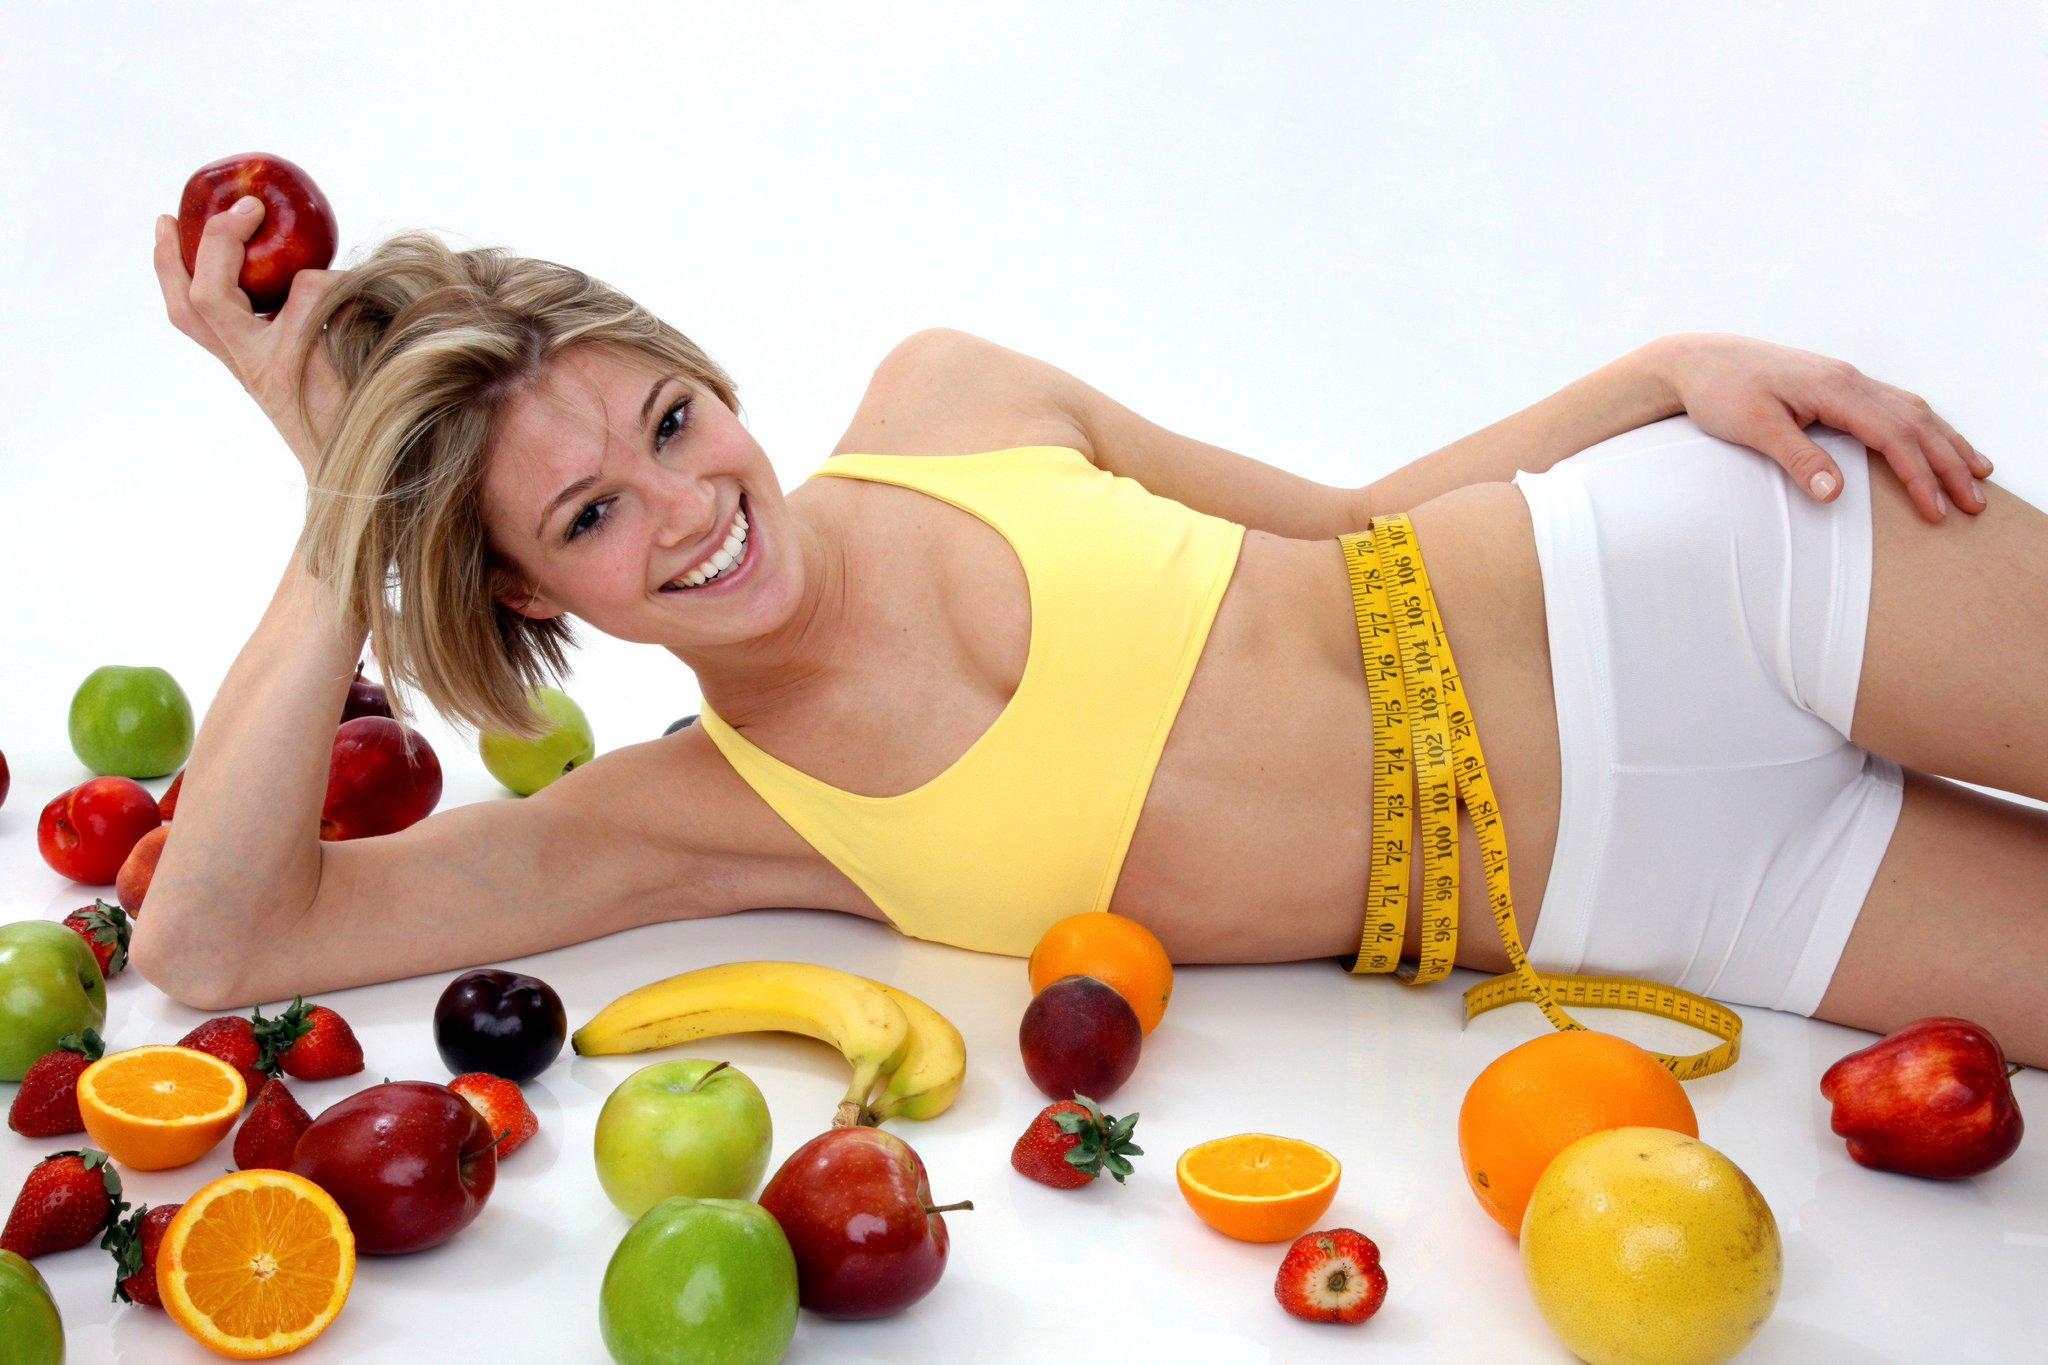 Как похудеть без диет на правильном питании